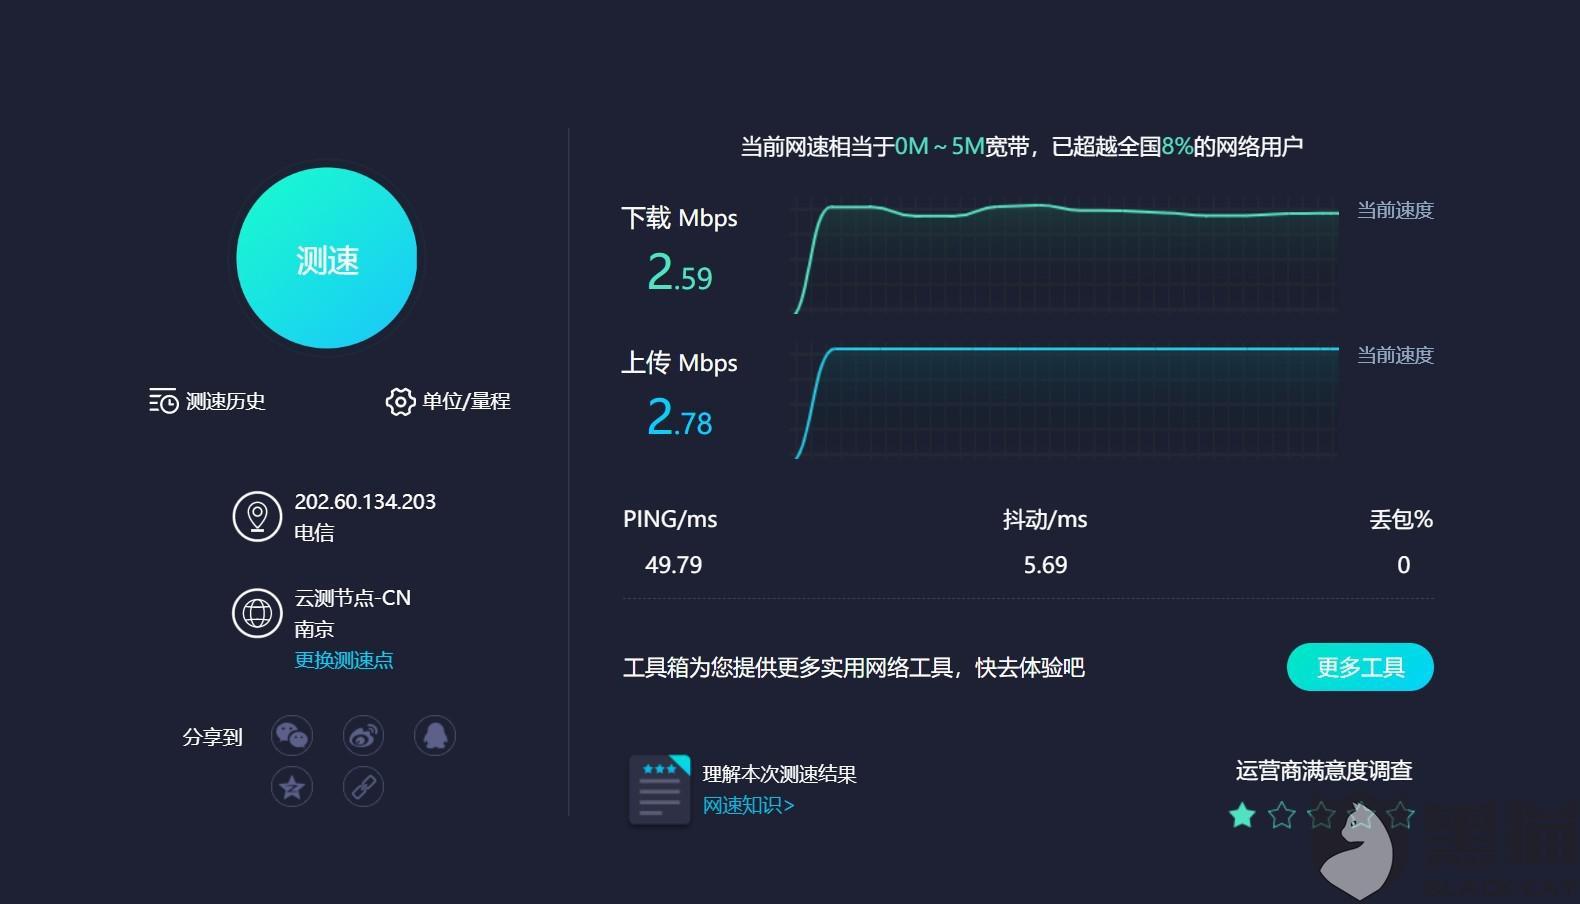 黑猫投诉:京东自营华正易尚随身wifi用时3小时解决了消费者投诉